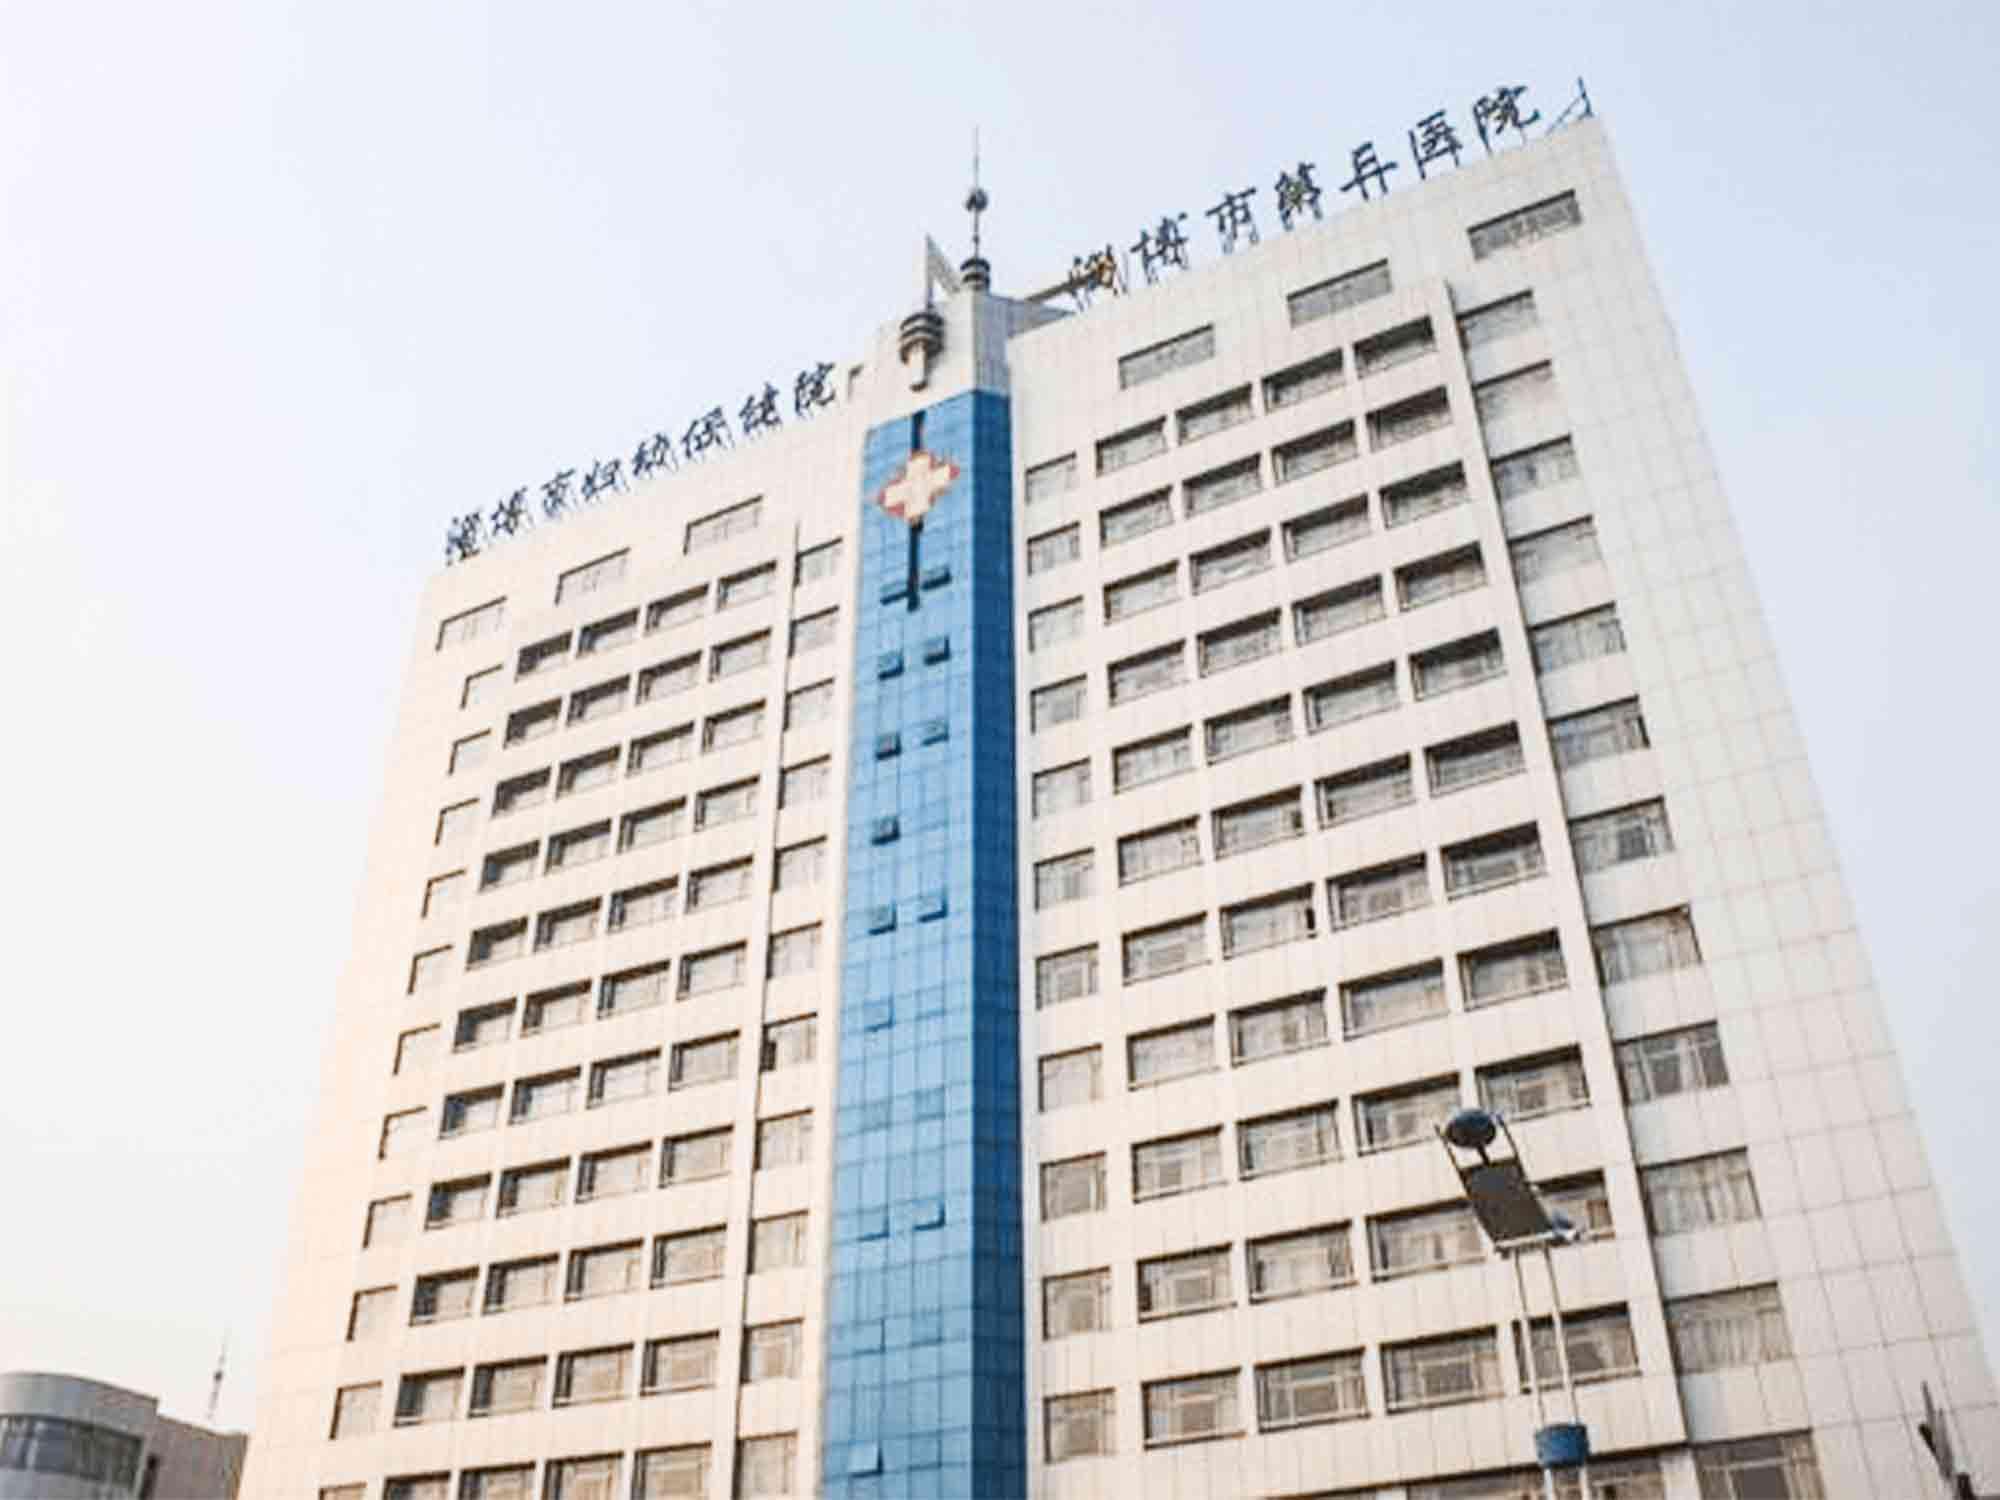 淄博市妇幼保健院(淄博市第三医院)